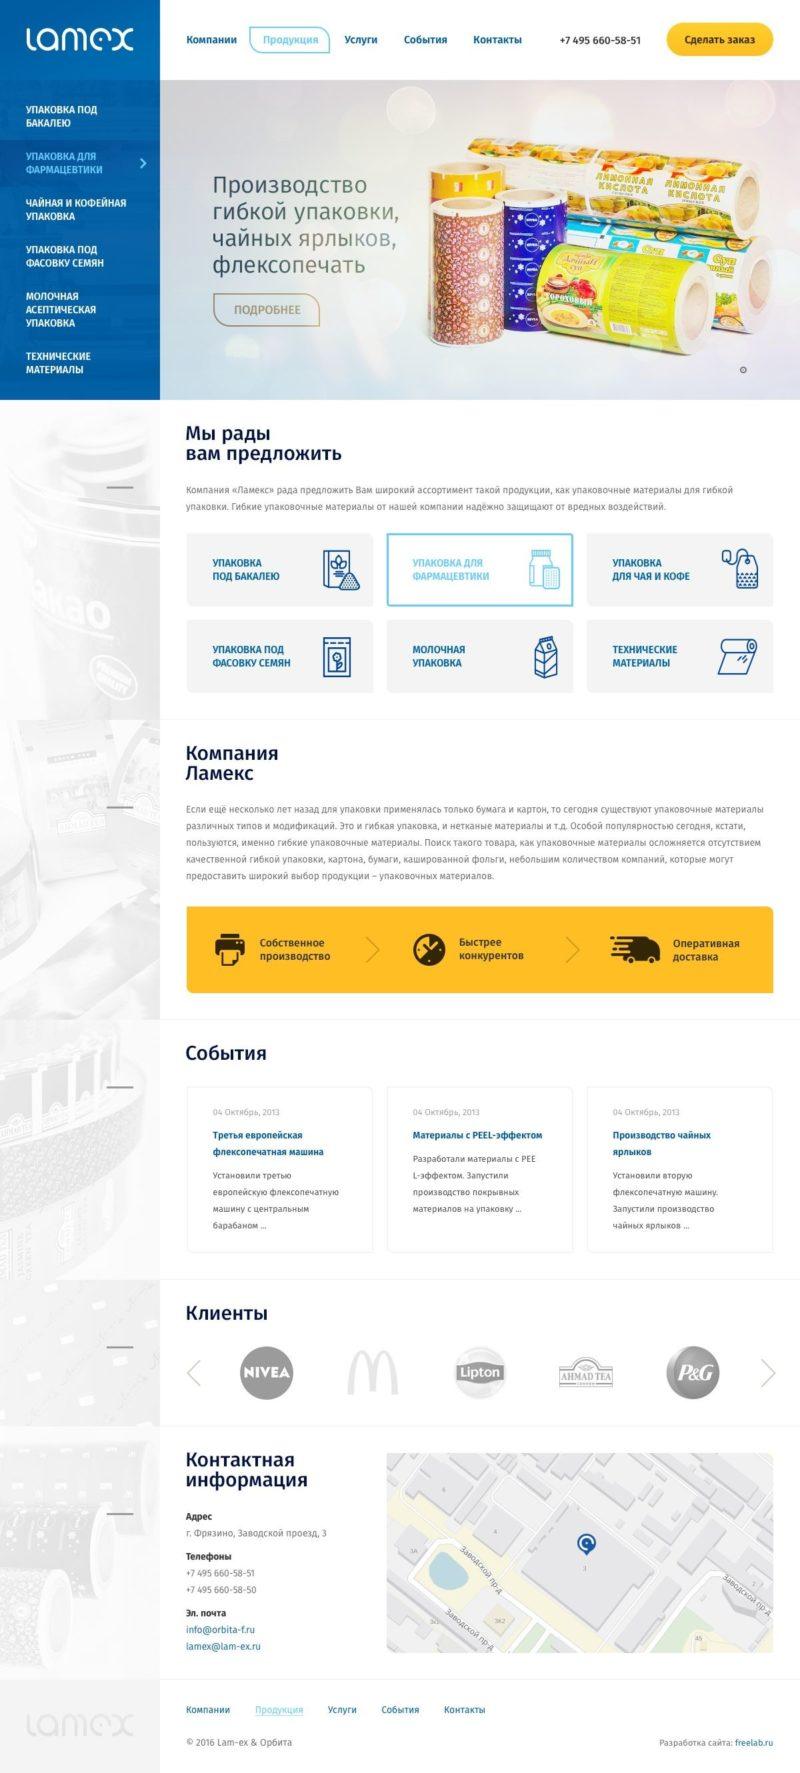 Разработка корпоративного сайта для компании Ламекс